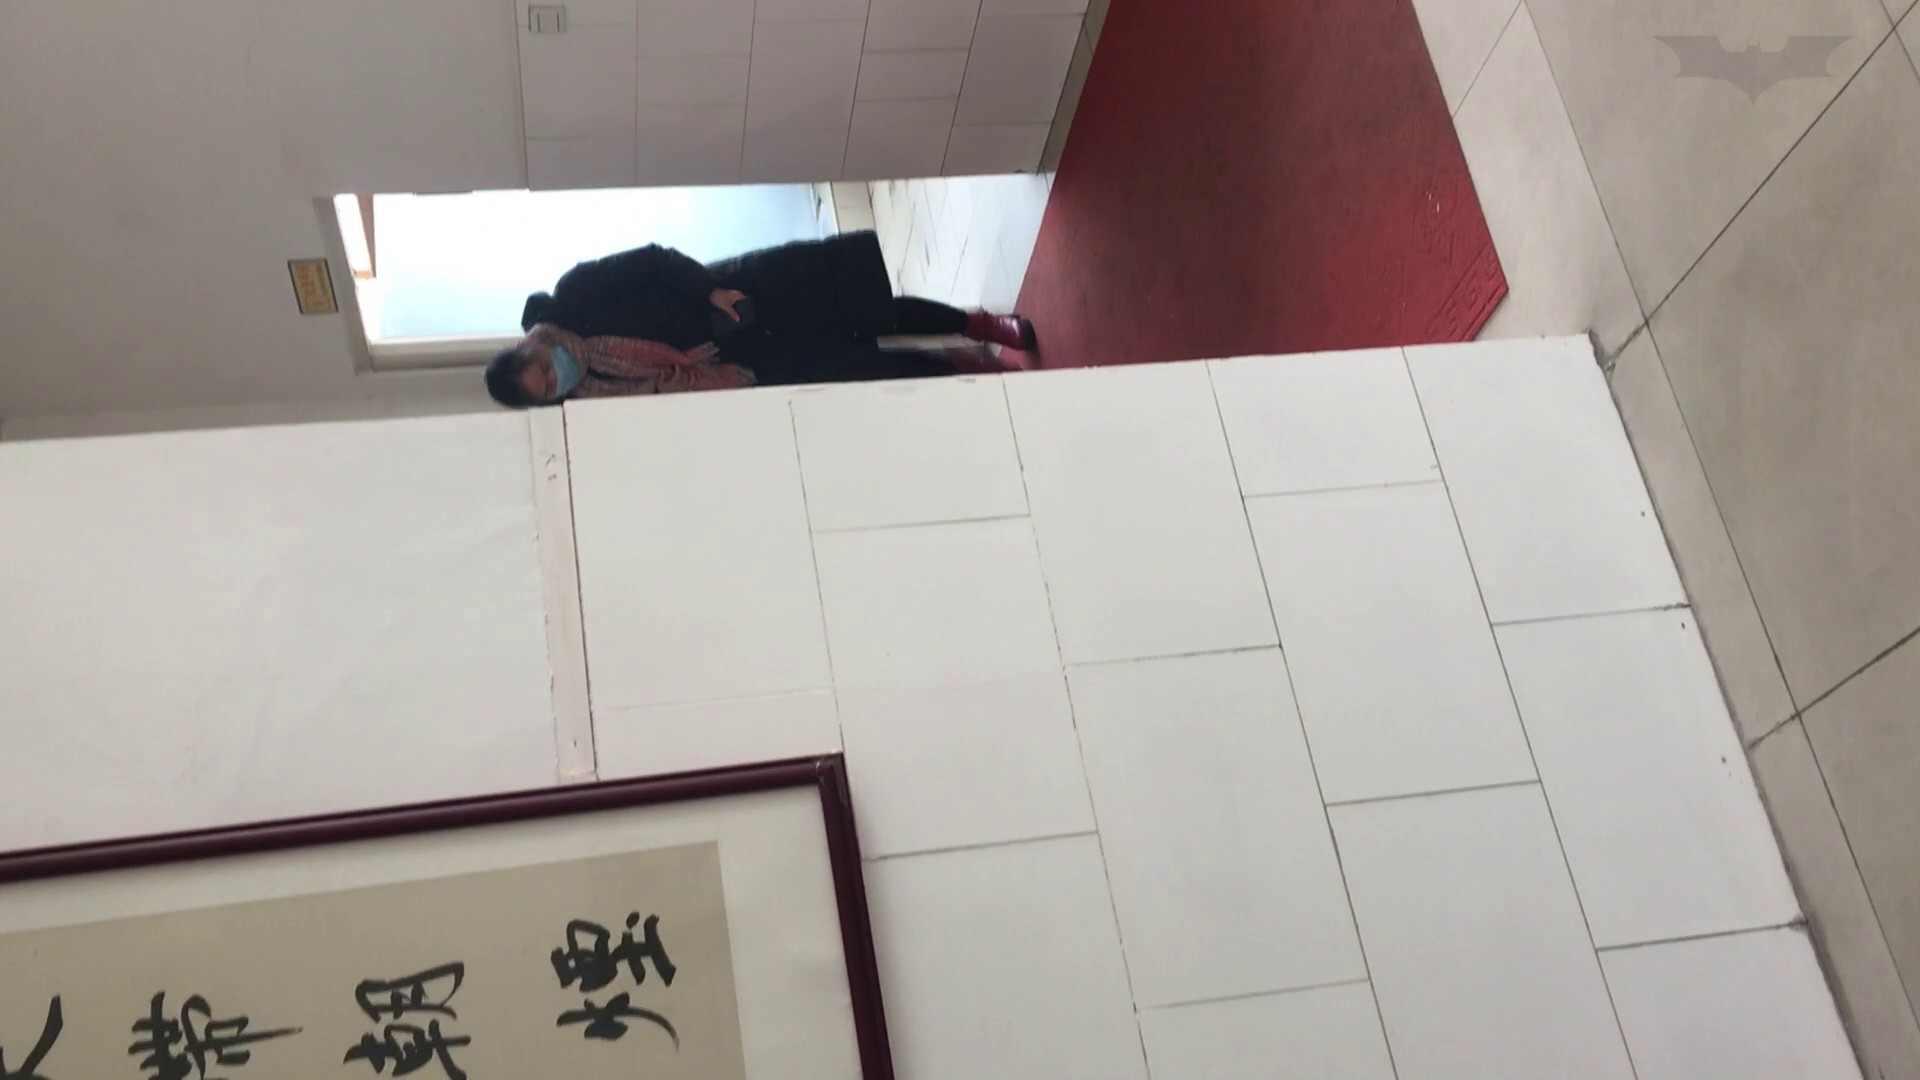 芸術大学ガチ潜入盗撮 JD盗撮 美女の洗面所の秘密 Vol.82 高評価 スケベ動画紹介 73画像 22